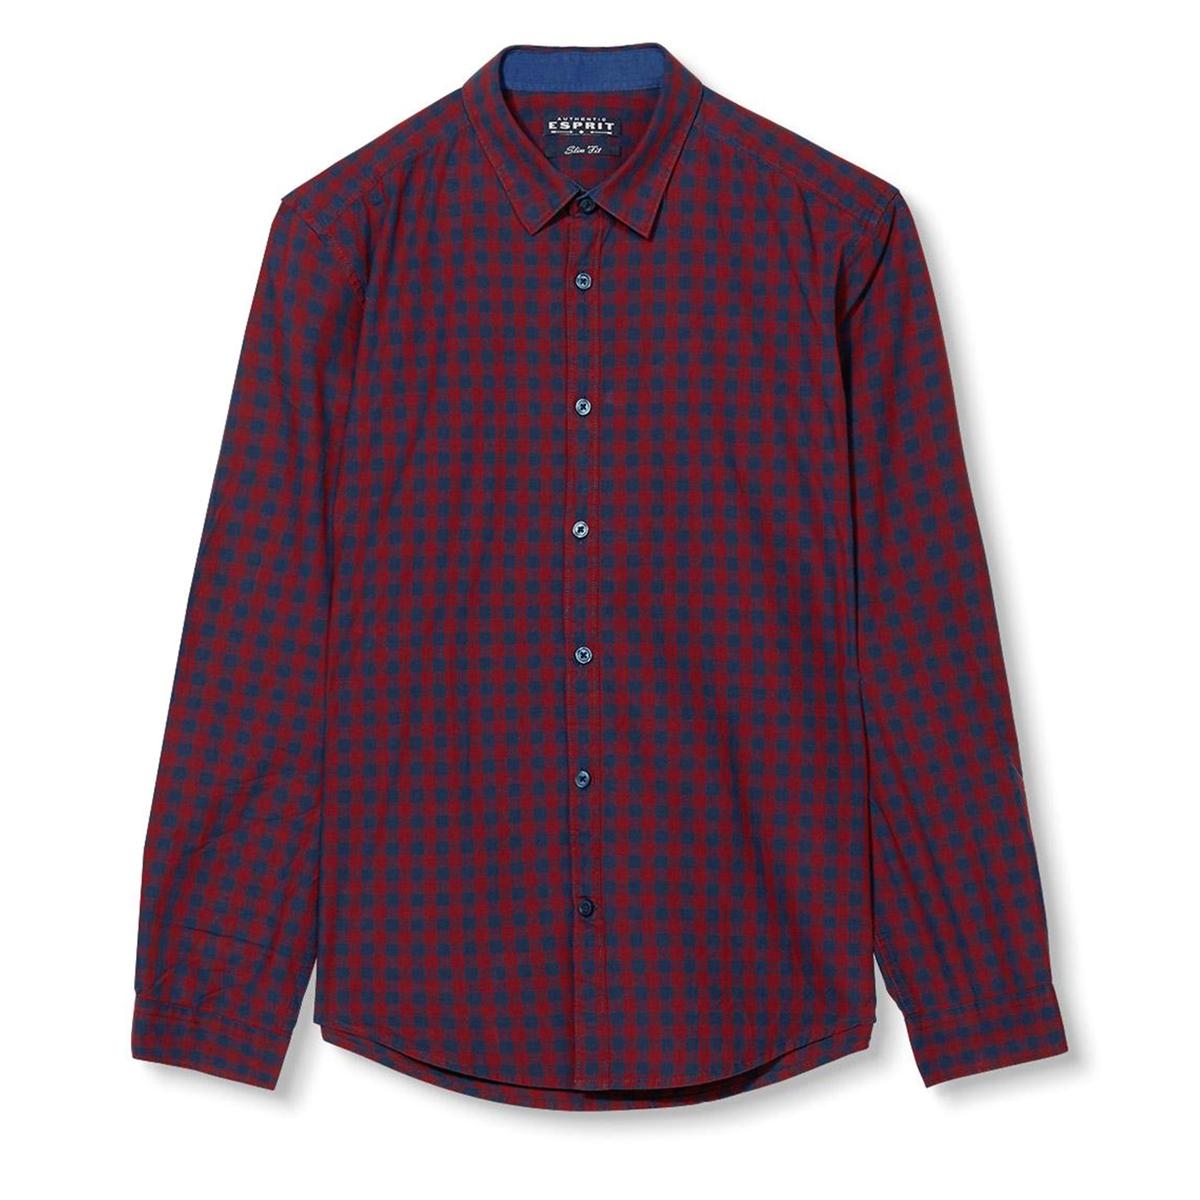 Рубашка в клеткуРубашка с длинными рукавами - ESPRIT в клетку. Прямой покрой и классический воротник со свободными уголками. Застёжка на пуговицы, манжеты на пуговицах. Состав и описаниеМатериал: 100% хлопка.Марка: ESPRIT.<br><br>Цвет: в клетку темно-синий/красный<br>Размер: L